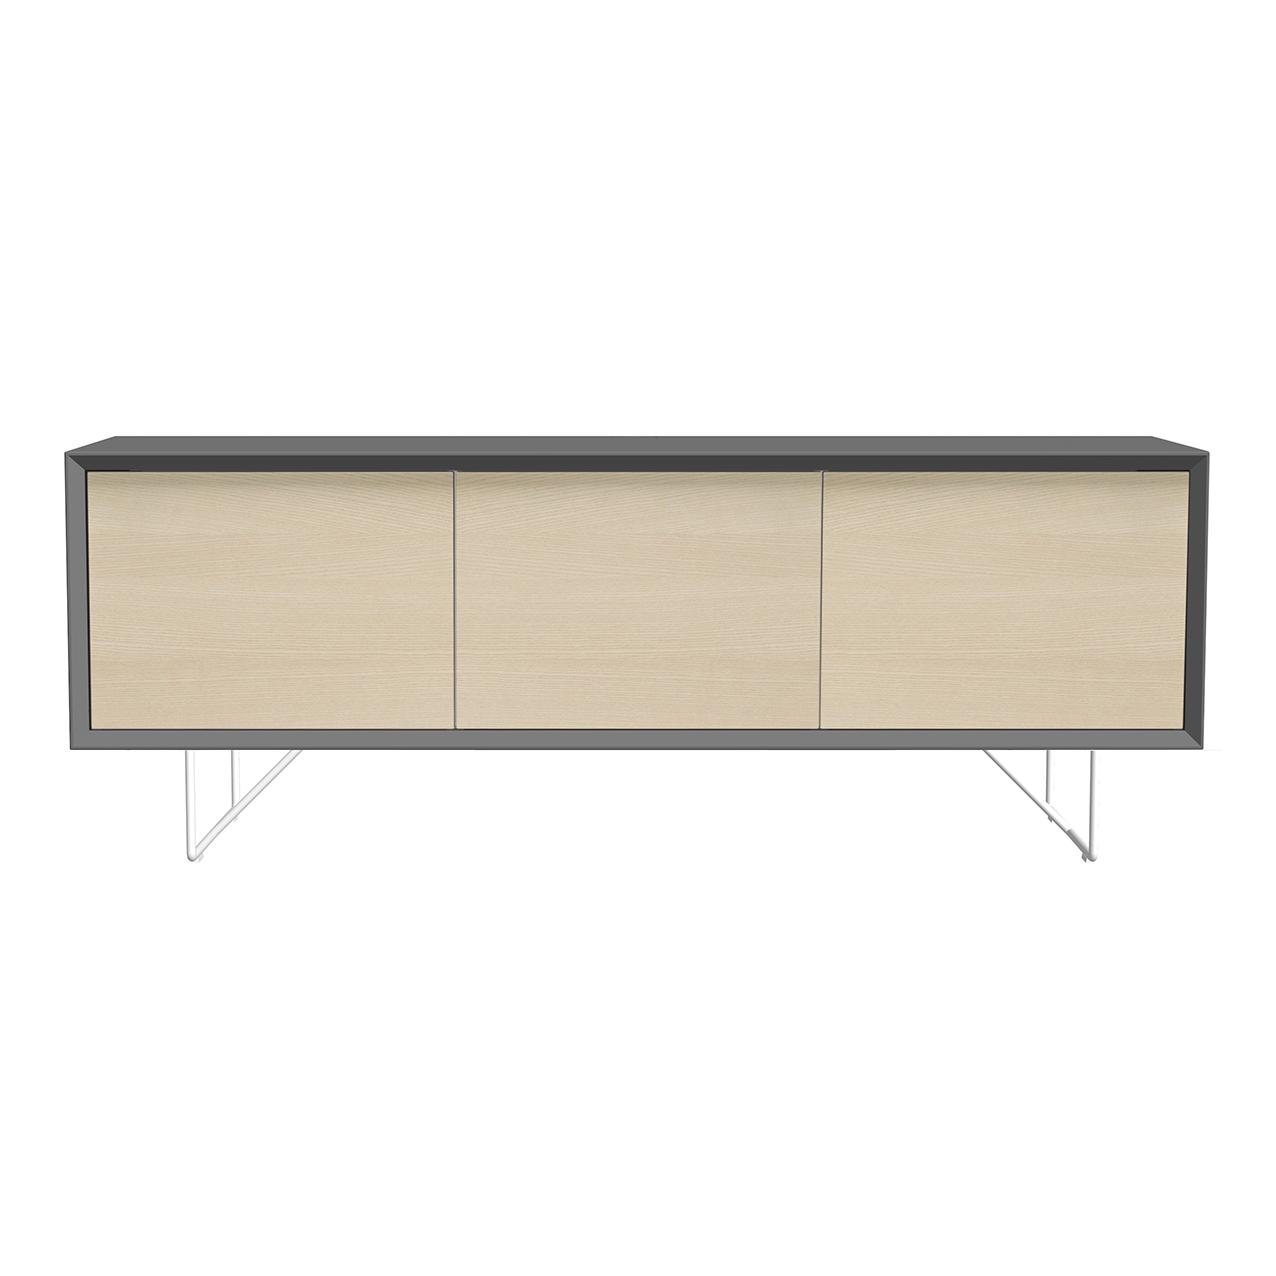 Tv-bänk New Air grå, dörrar i ask, och vita metallben.